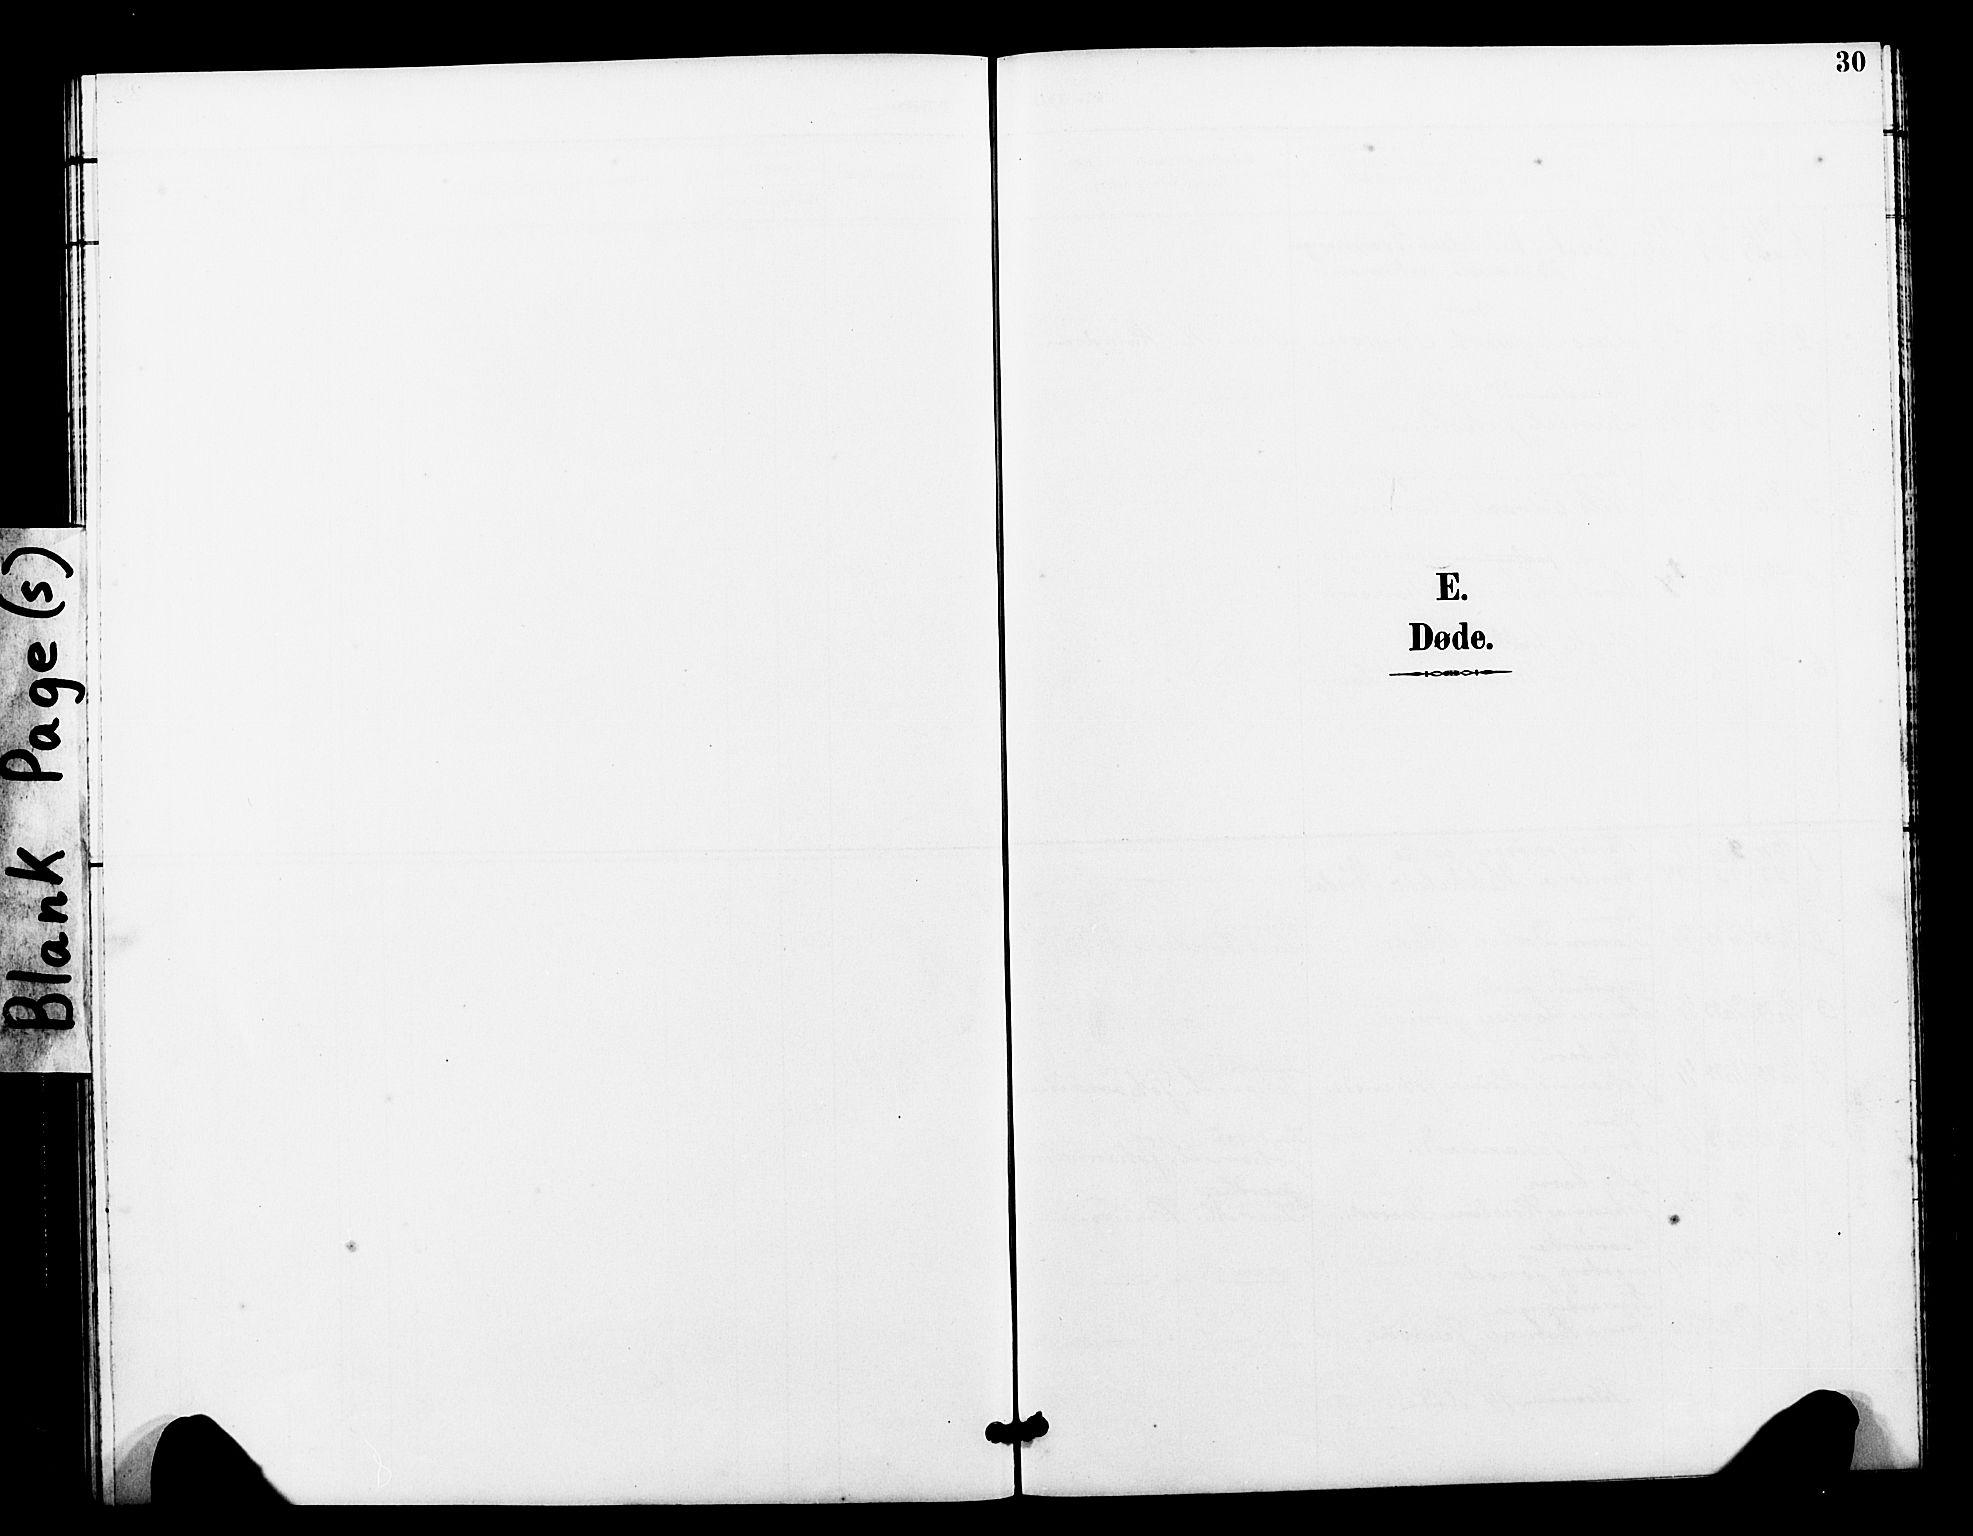 SAT, Ministerialprotokoller, klokkerbøker og fødselsregistre - Sør-Trøndelag, 663/L0762: Klokkerbok nr. 663C02, 1894-1899, s. 30